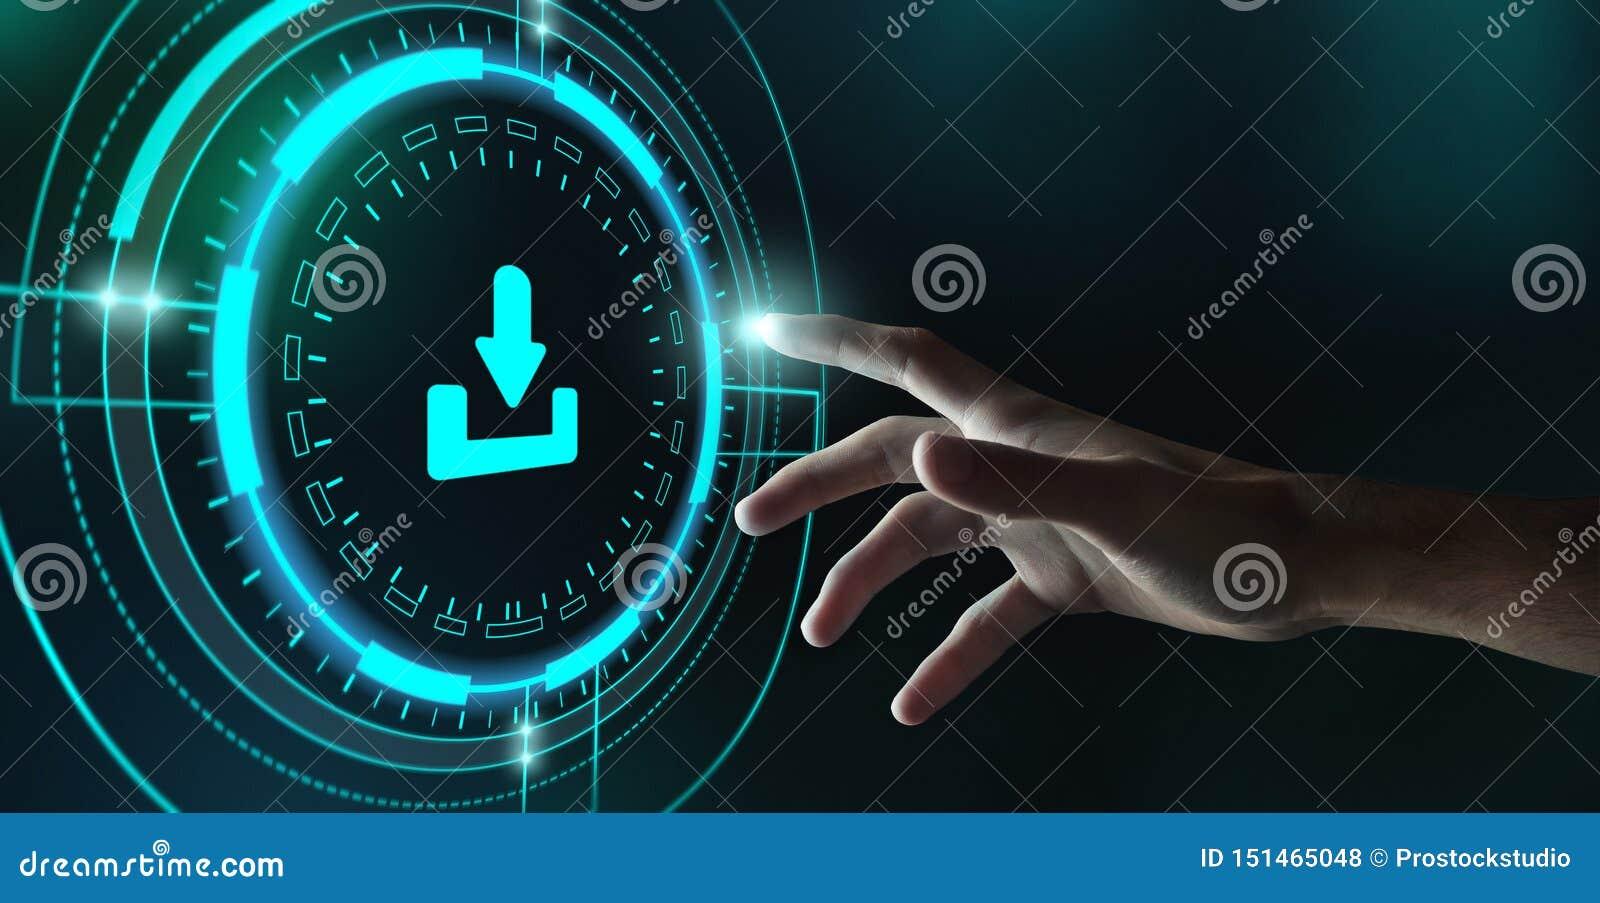 Download Data Storage Technology Network Concept, Crop